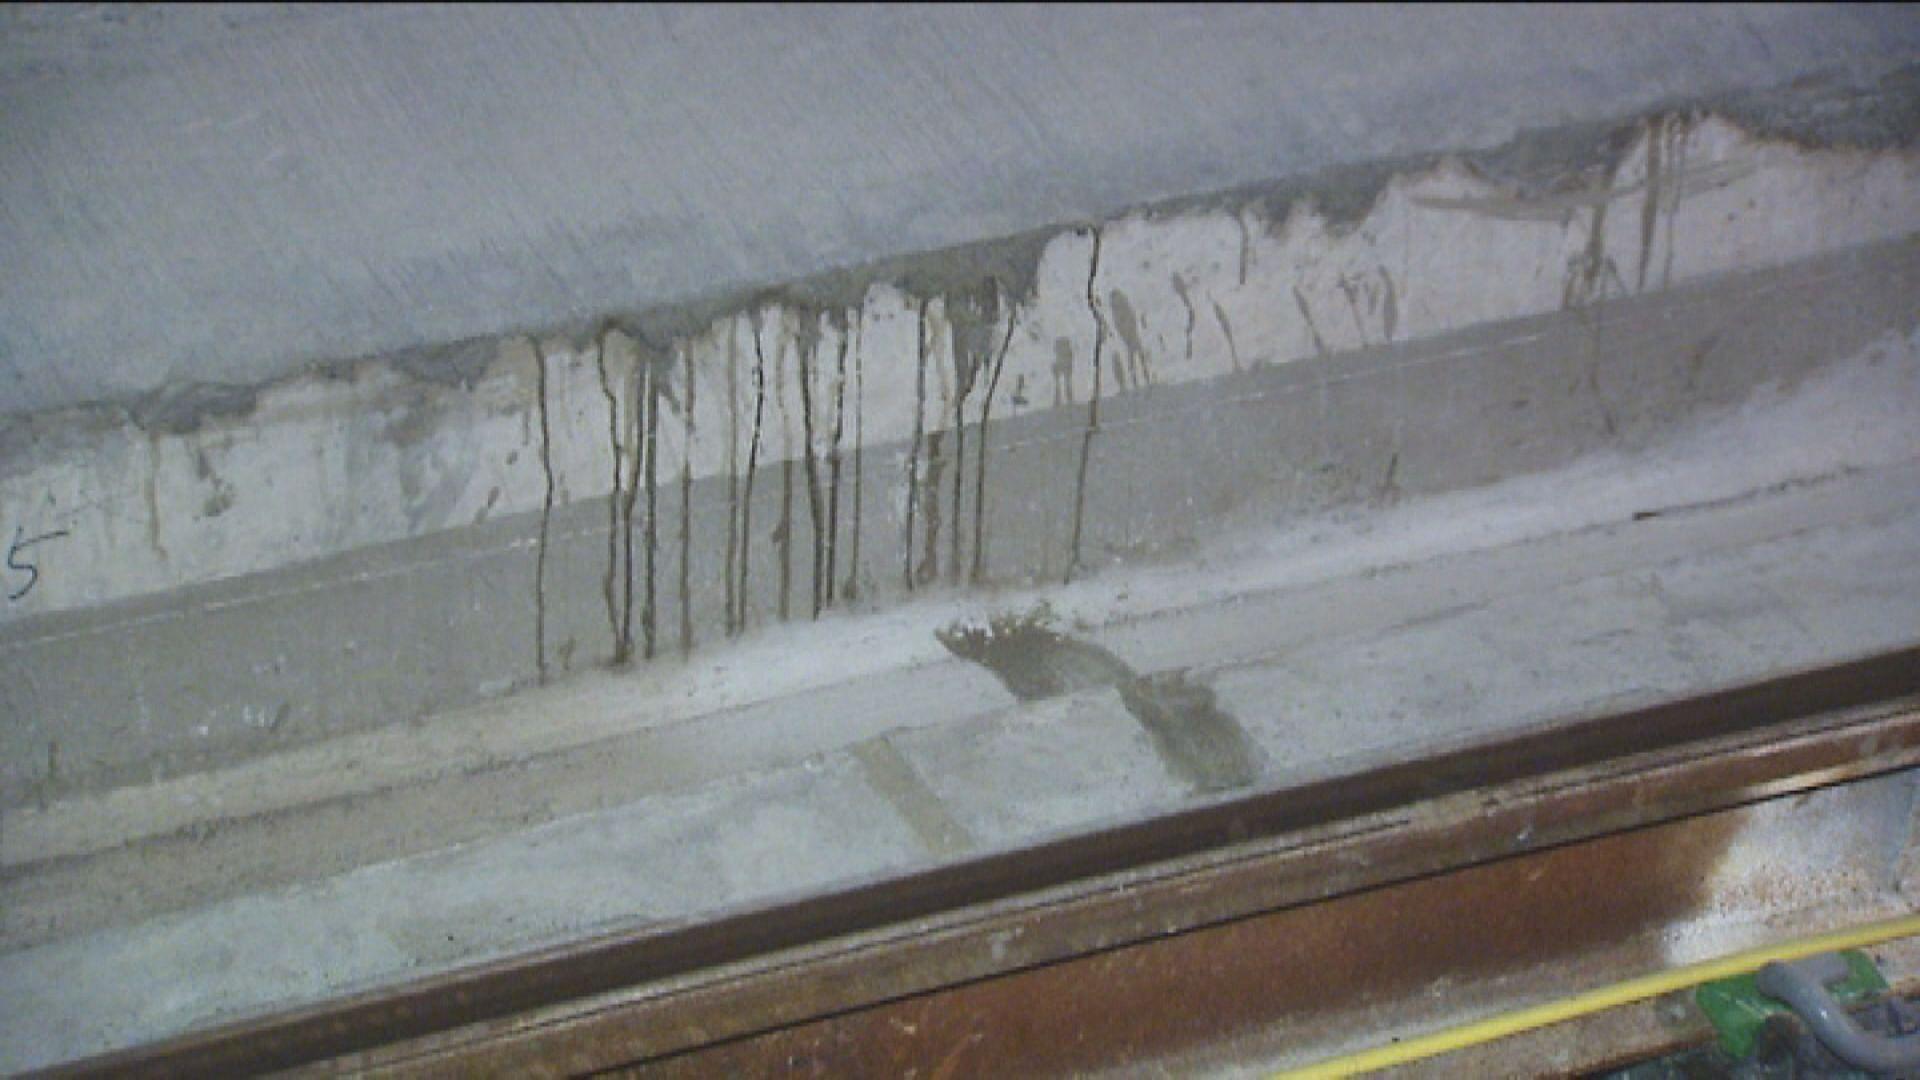 港鐵承認紅磡站擴建部分連續牆出現滲水要修補